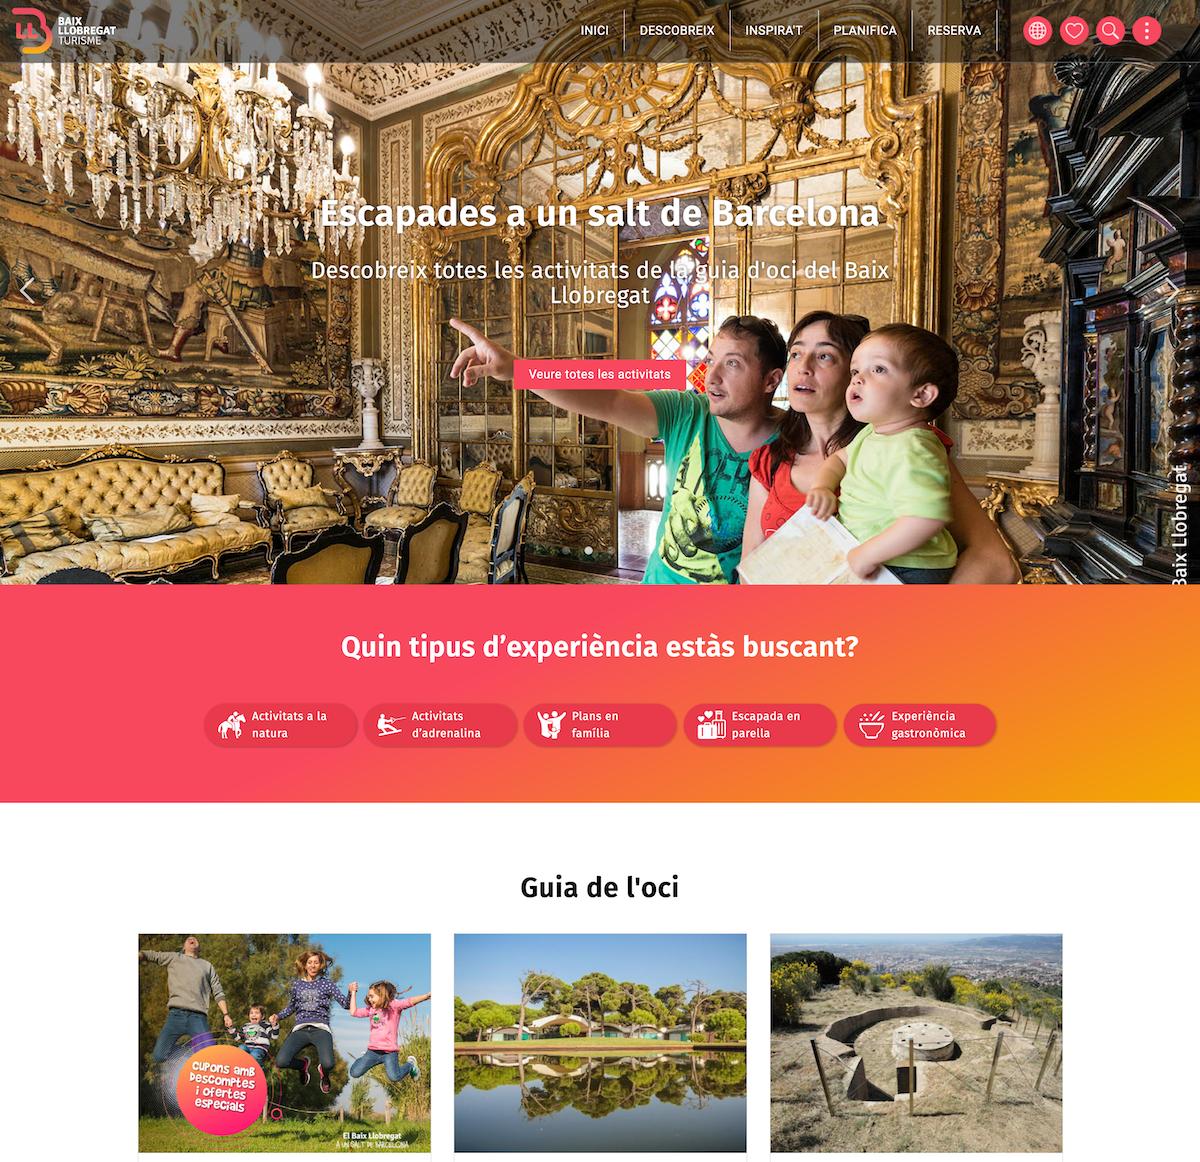 Turismo del Baix Llobregat